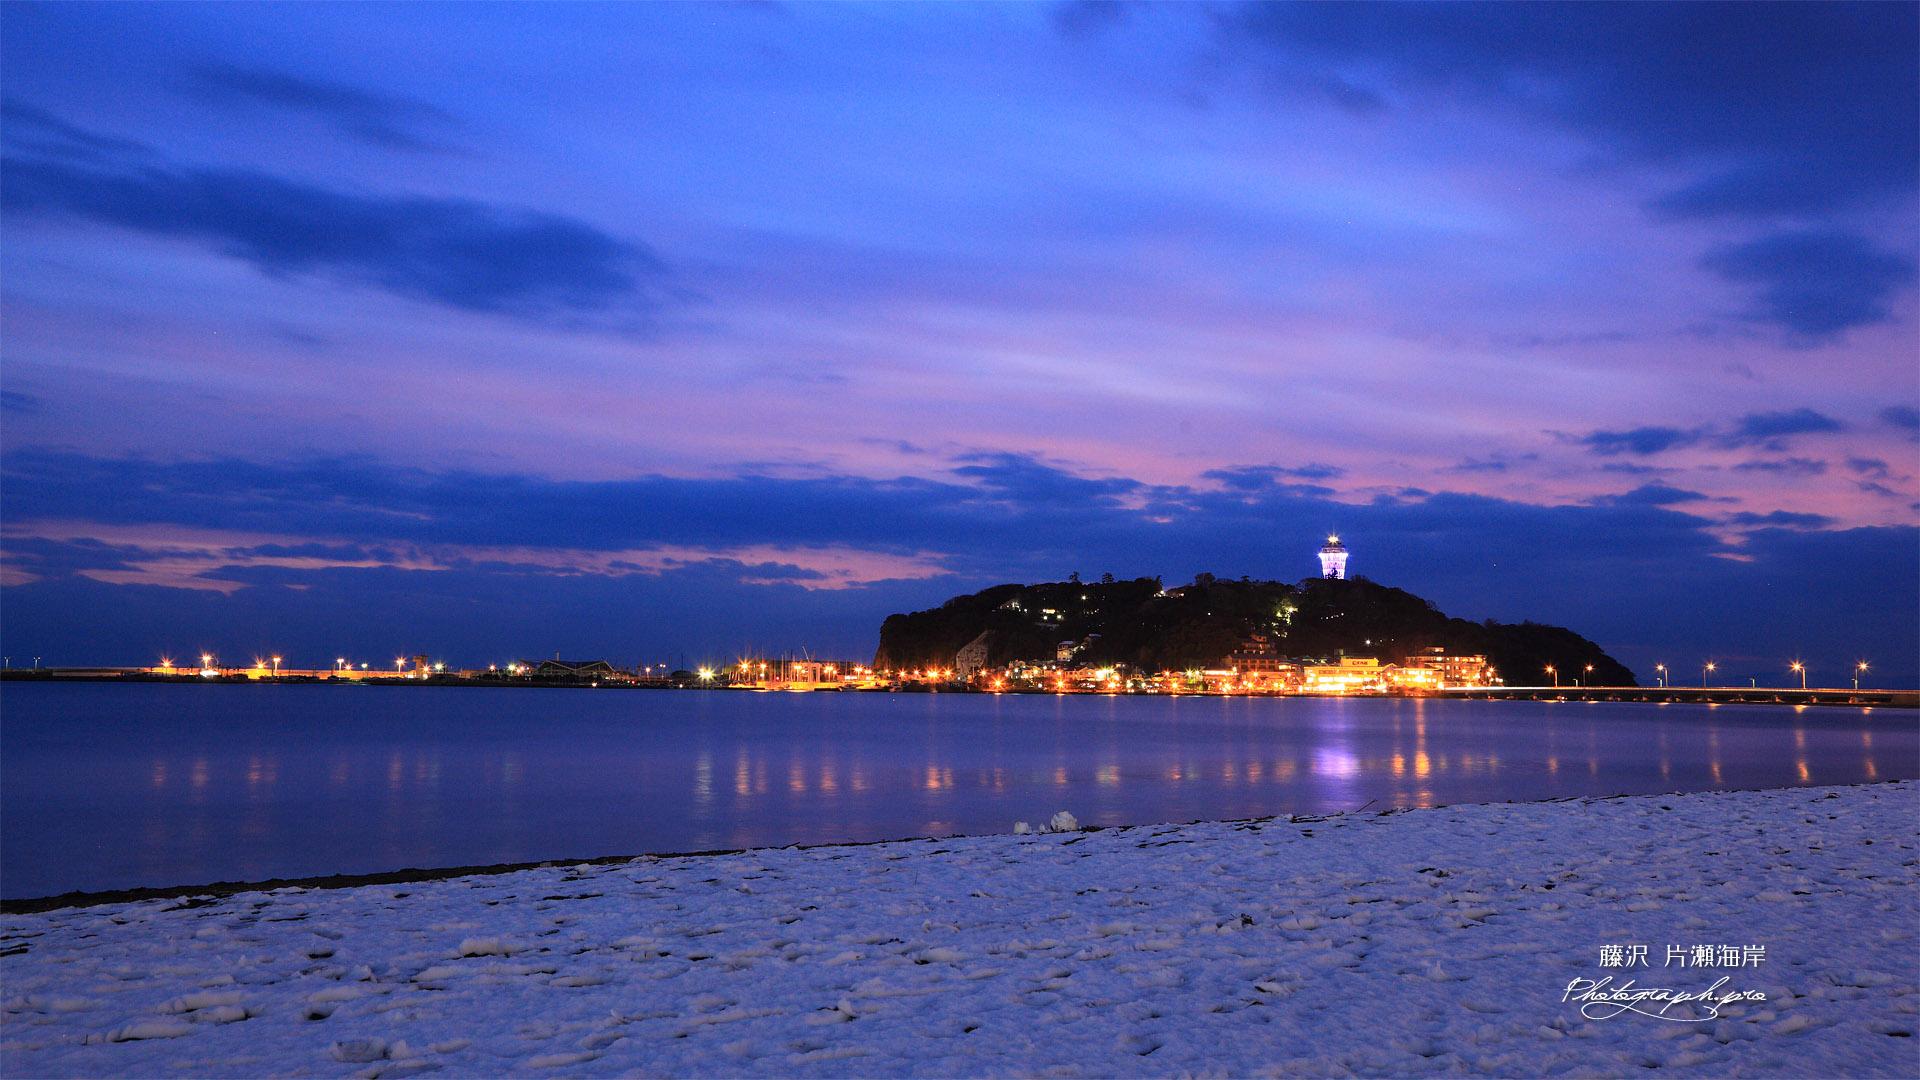 残雪の東浜と宵闇の江の島 の壁紙 19x1080